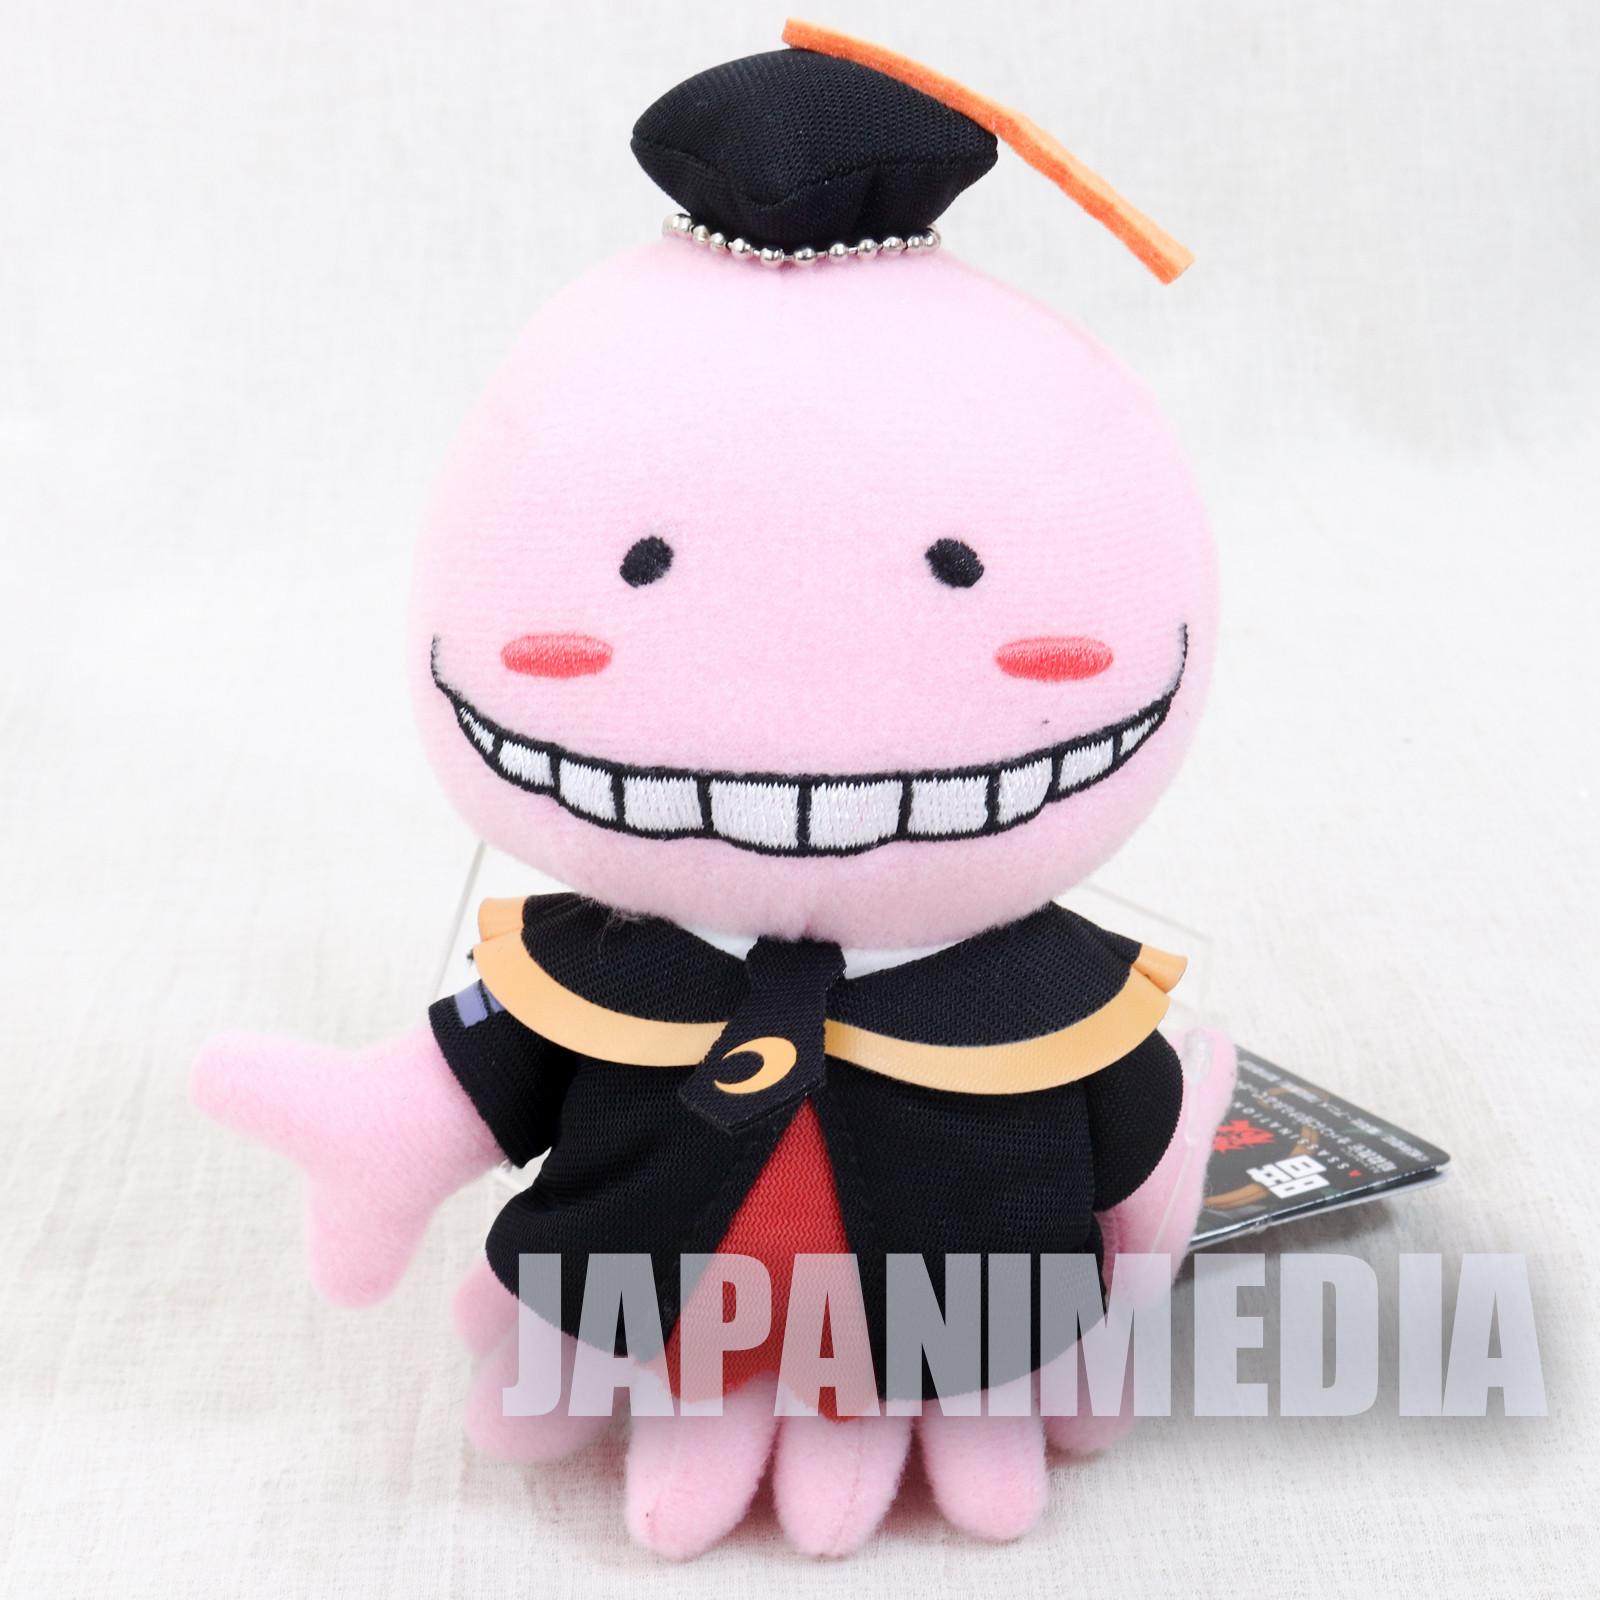 Assassination Classroom Ansatsu Kyoshitsu Koro Sensei Plush Doll Ballchain ANIME